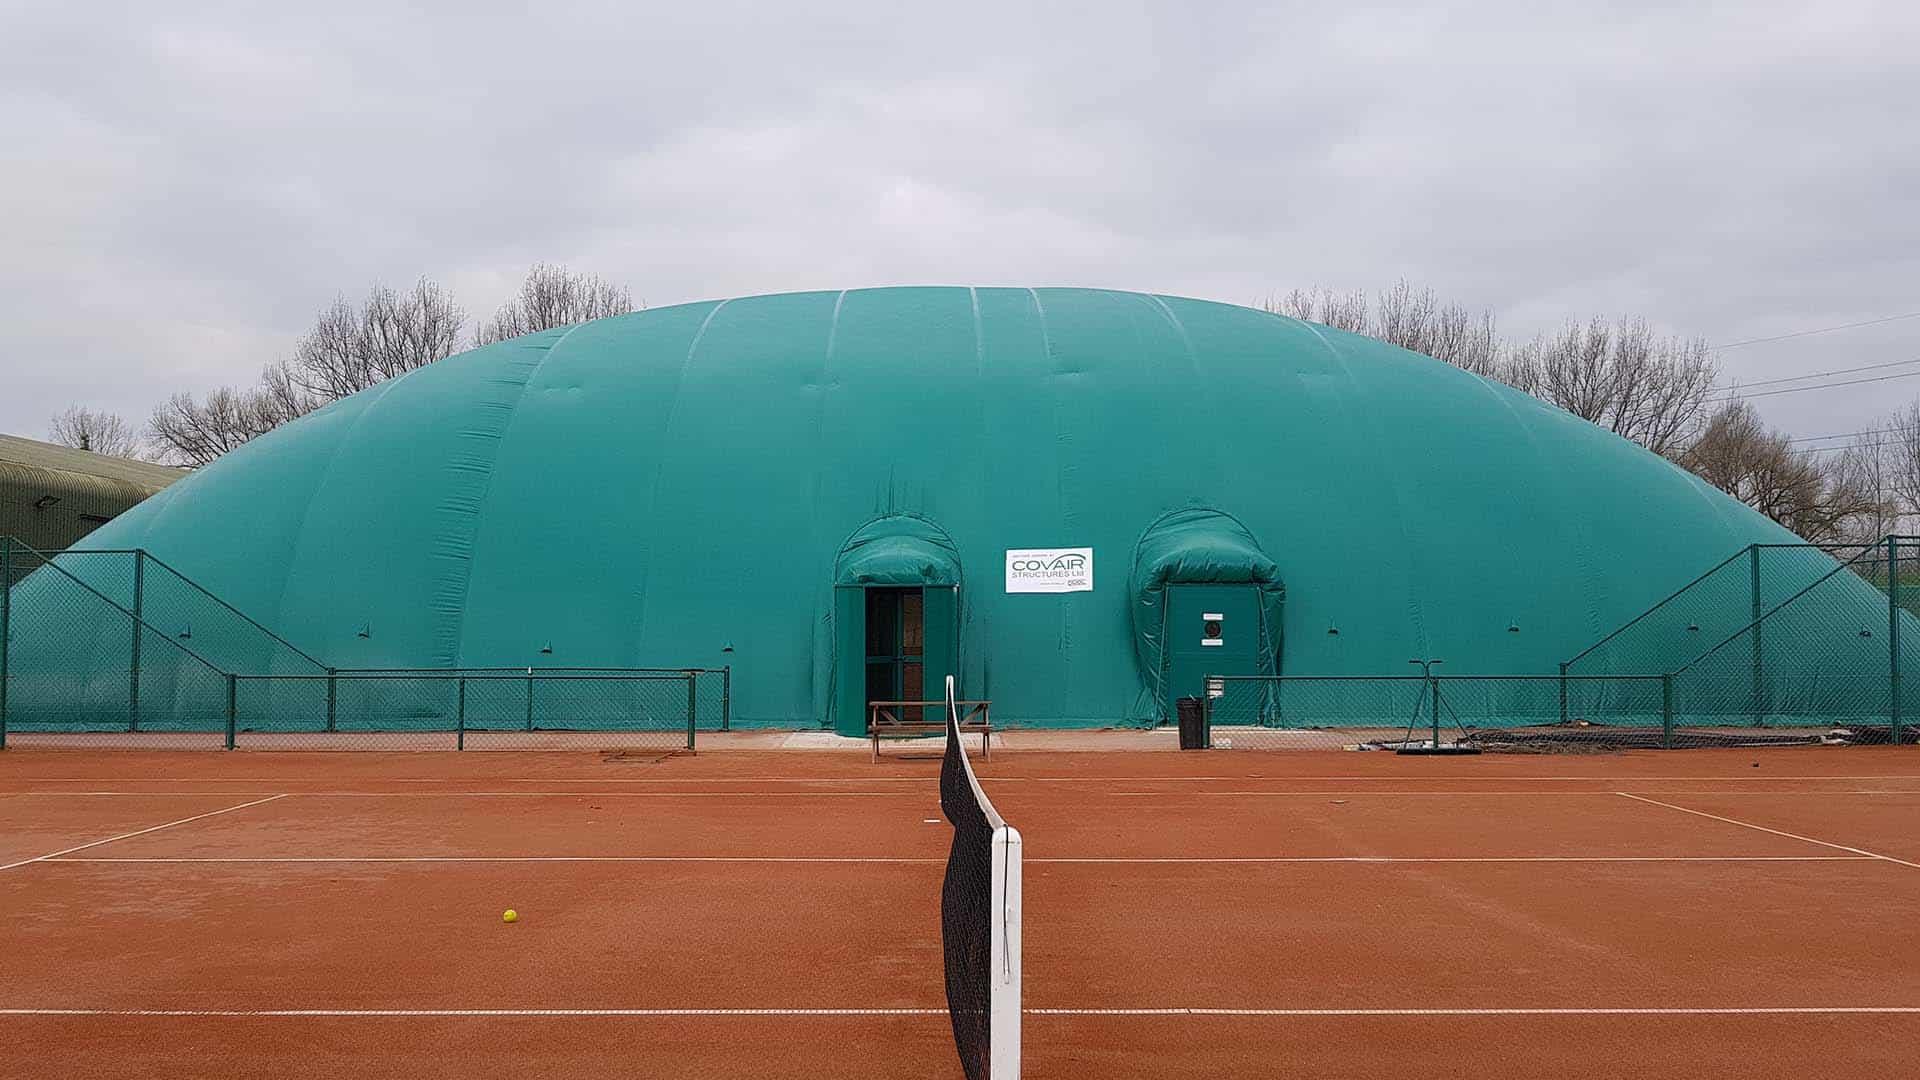 sutton air dome